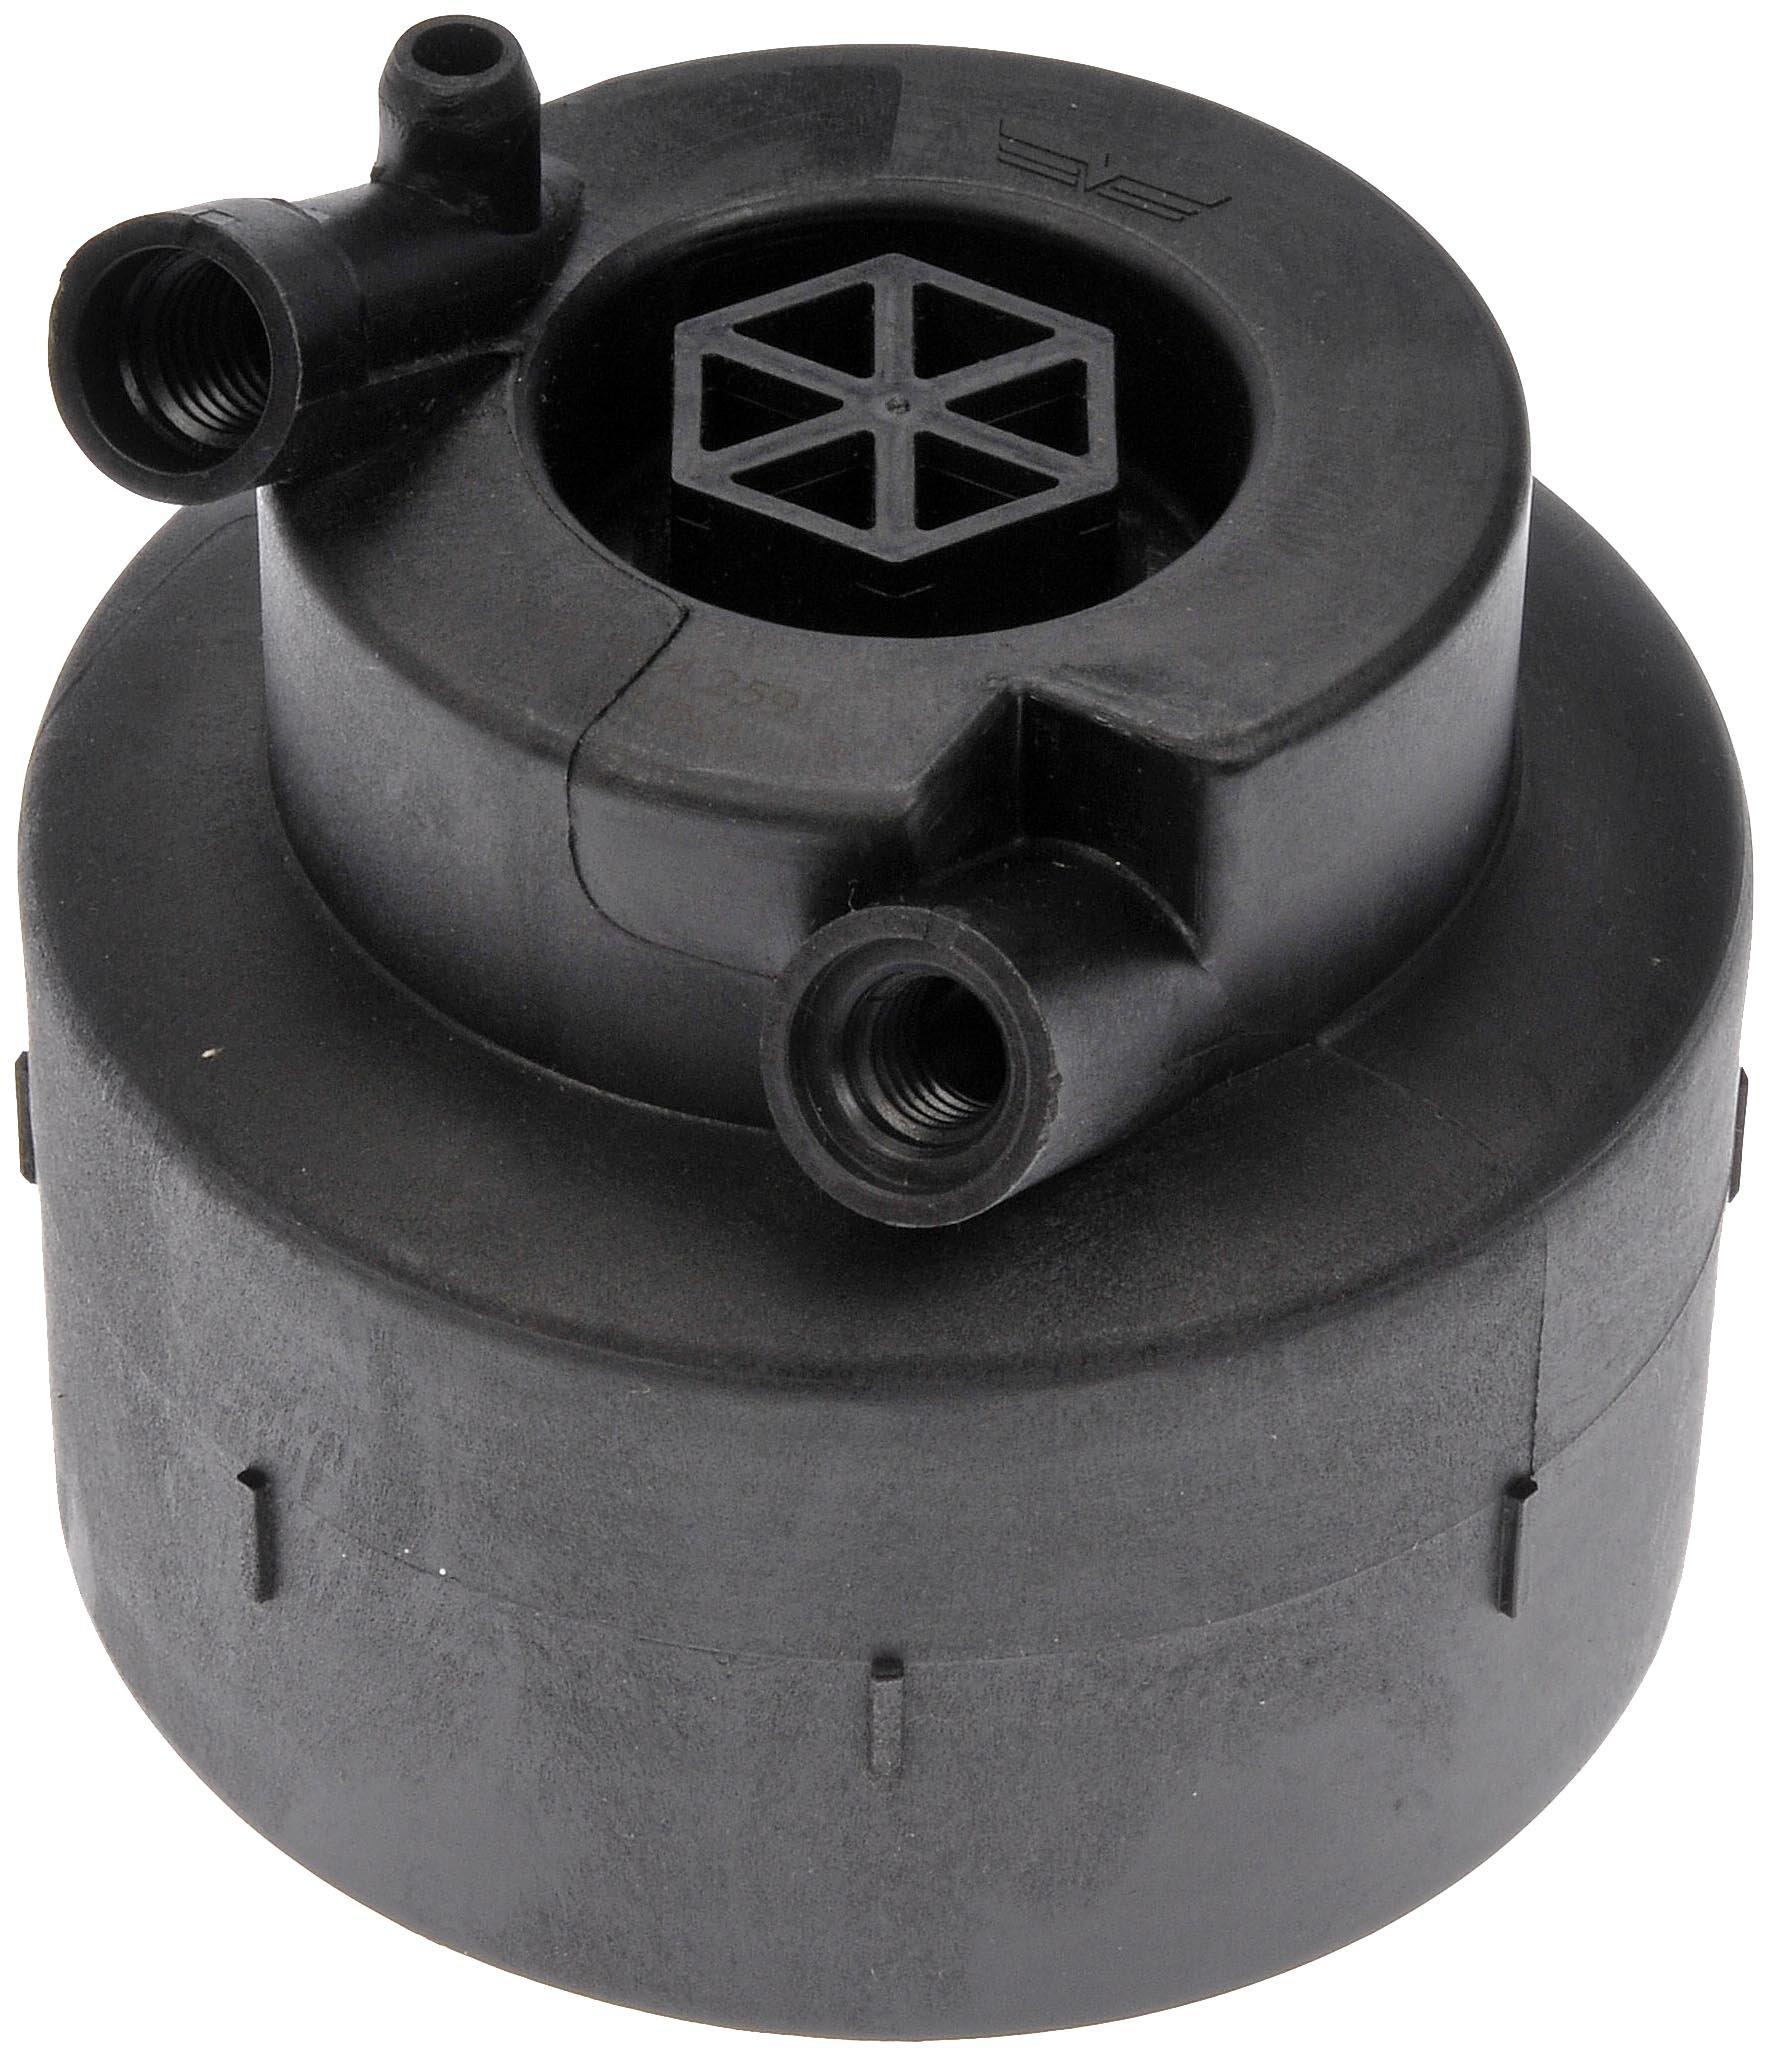 Dorman 904 244 Fuel Filter Cap